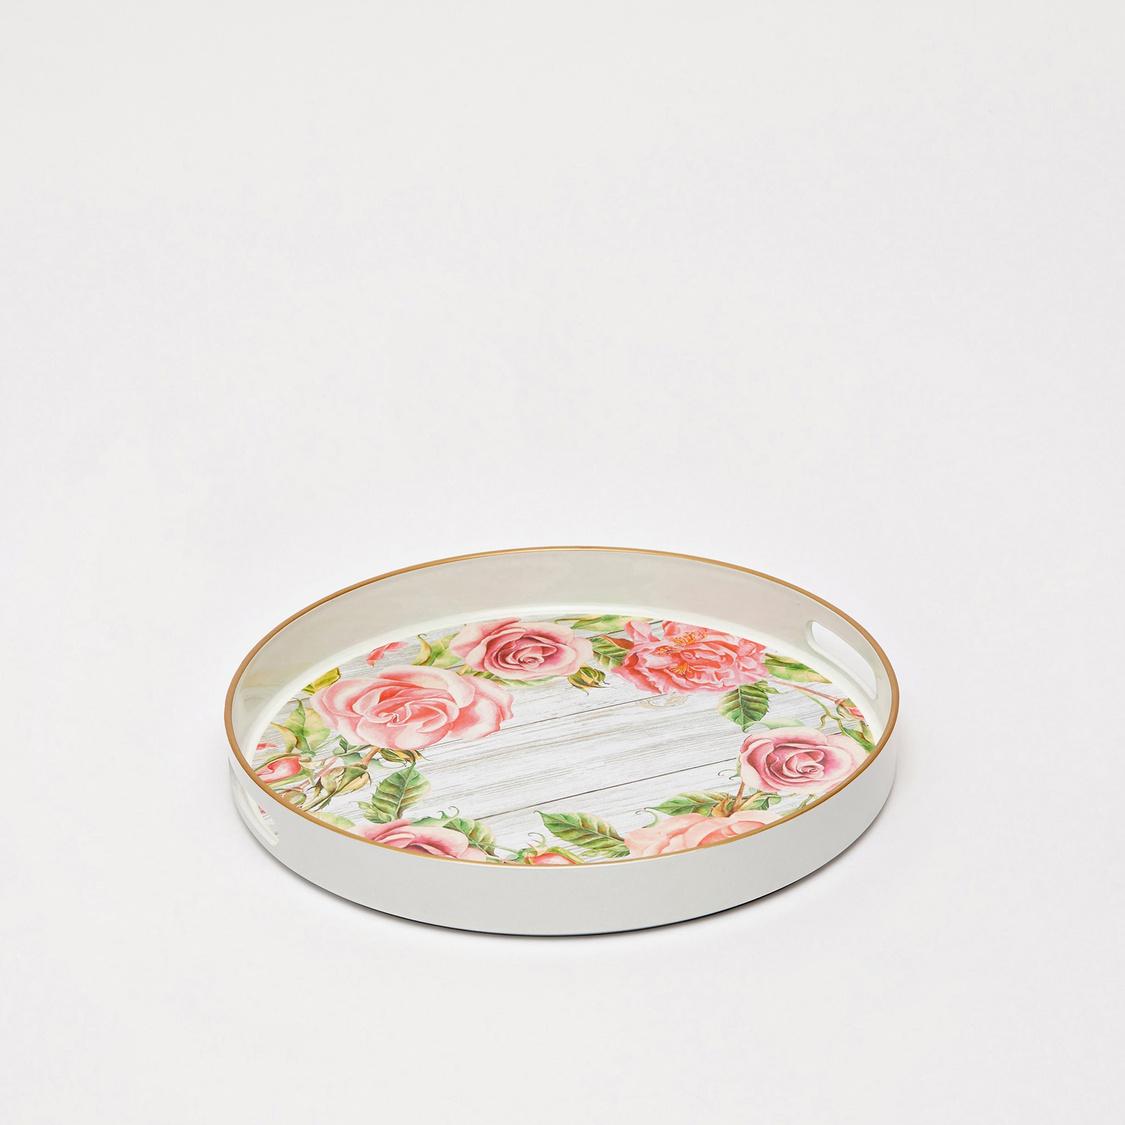 Floral Print Circular Tray with Cutout Handles